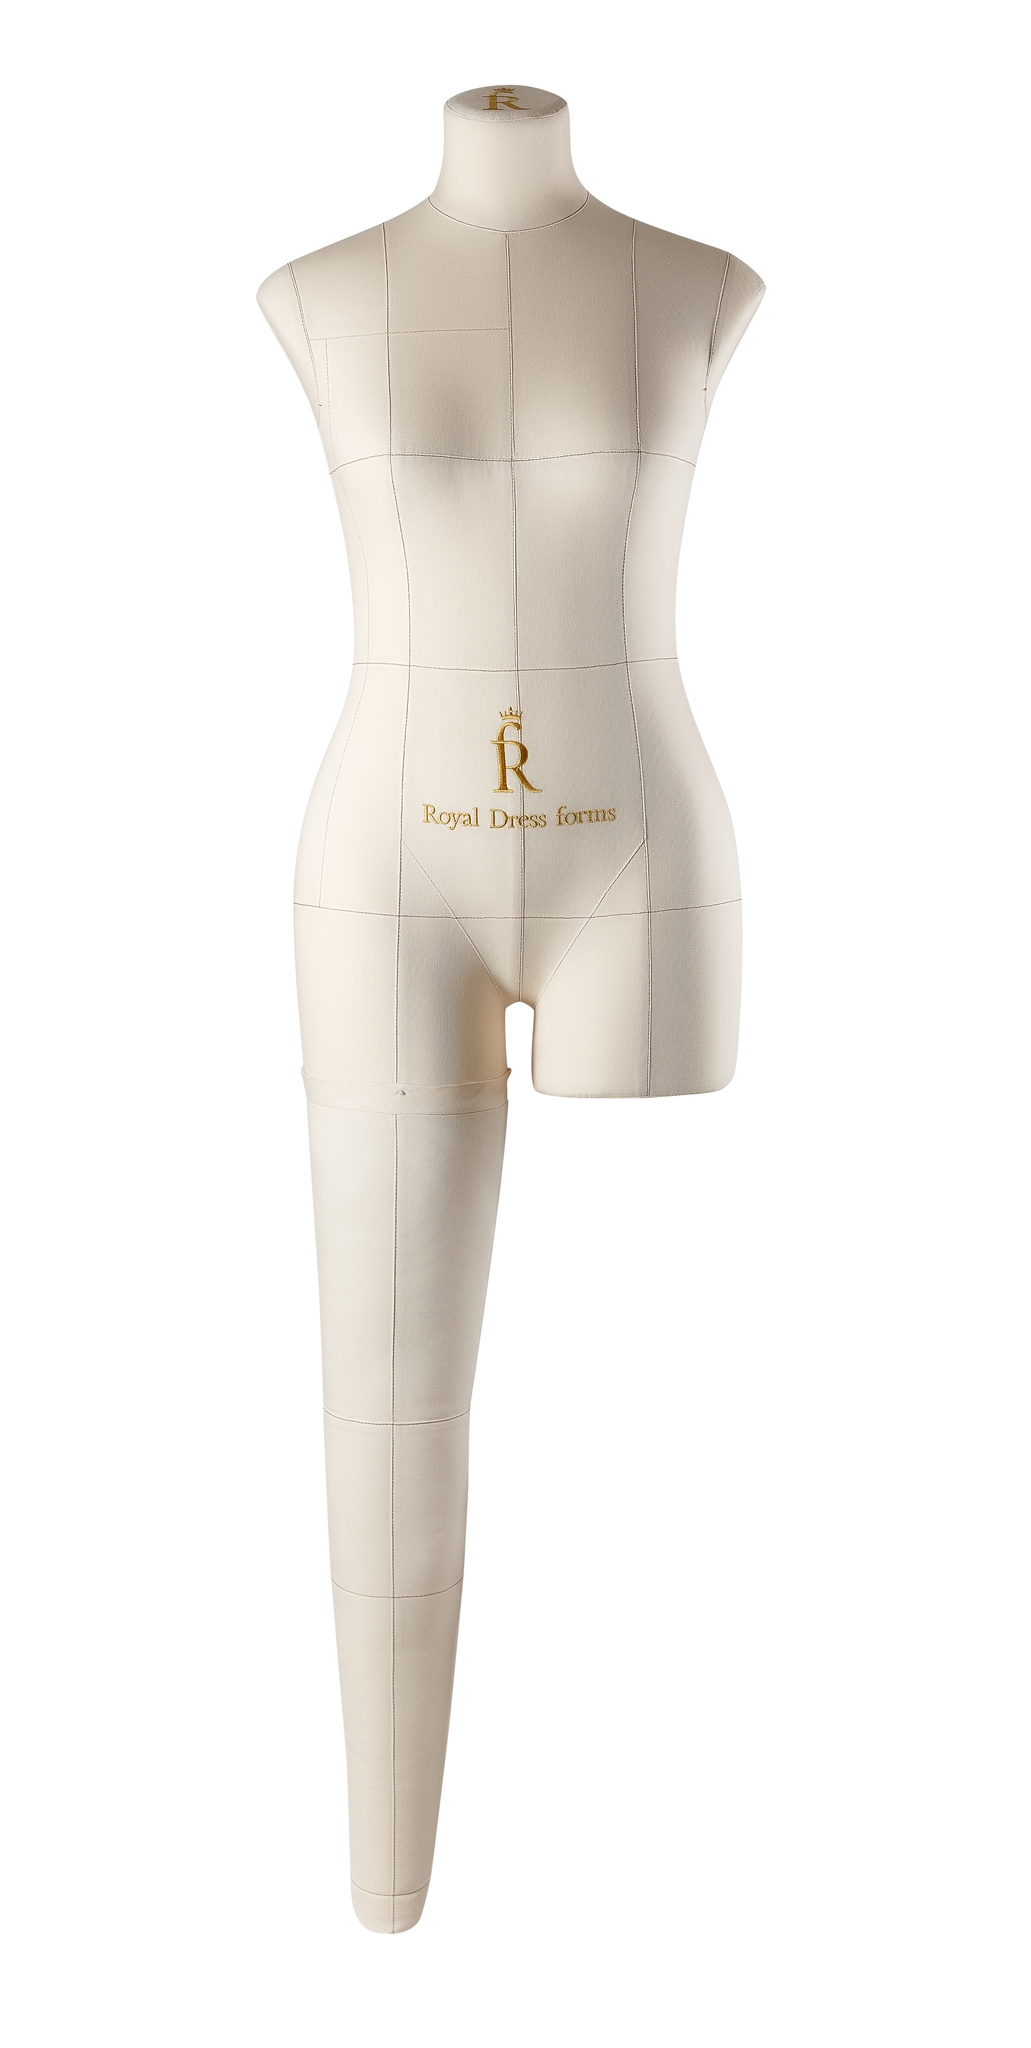 Нога бежевая для манекена Моника, 44 размер